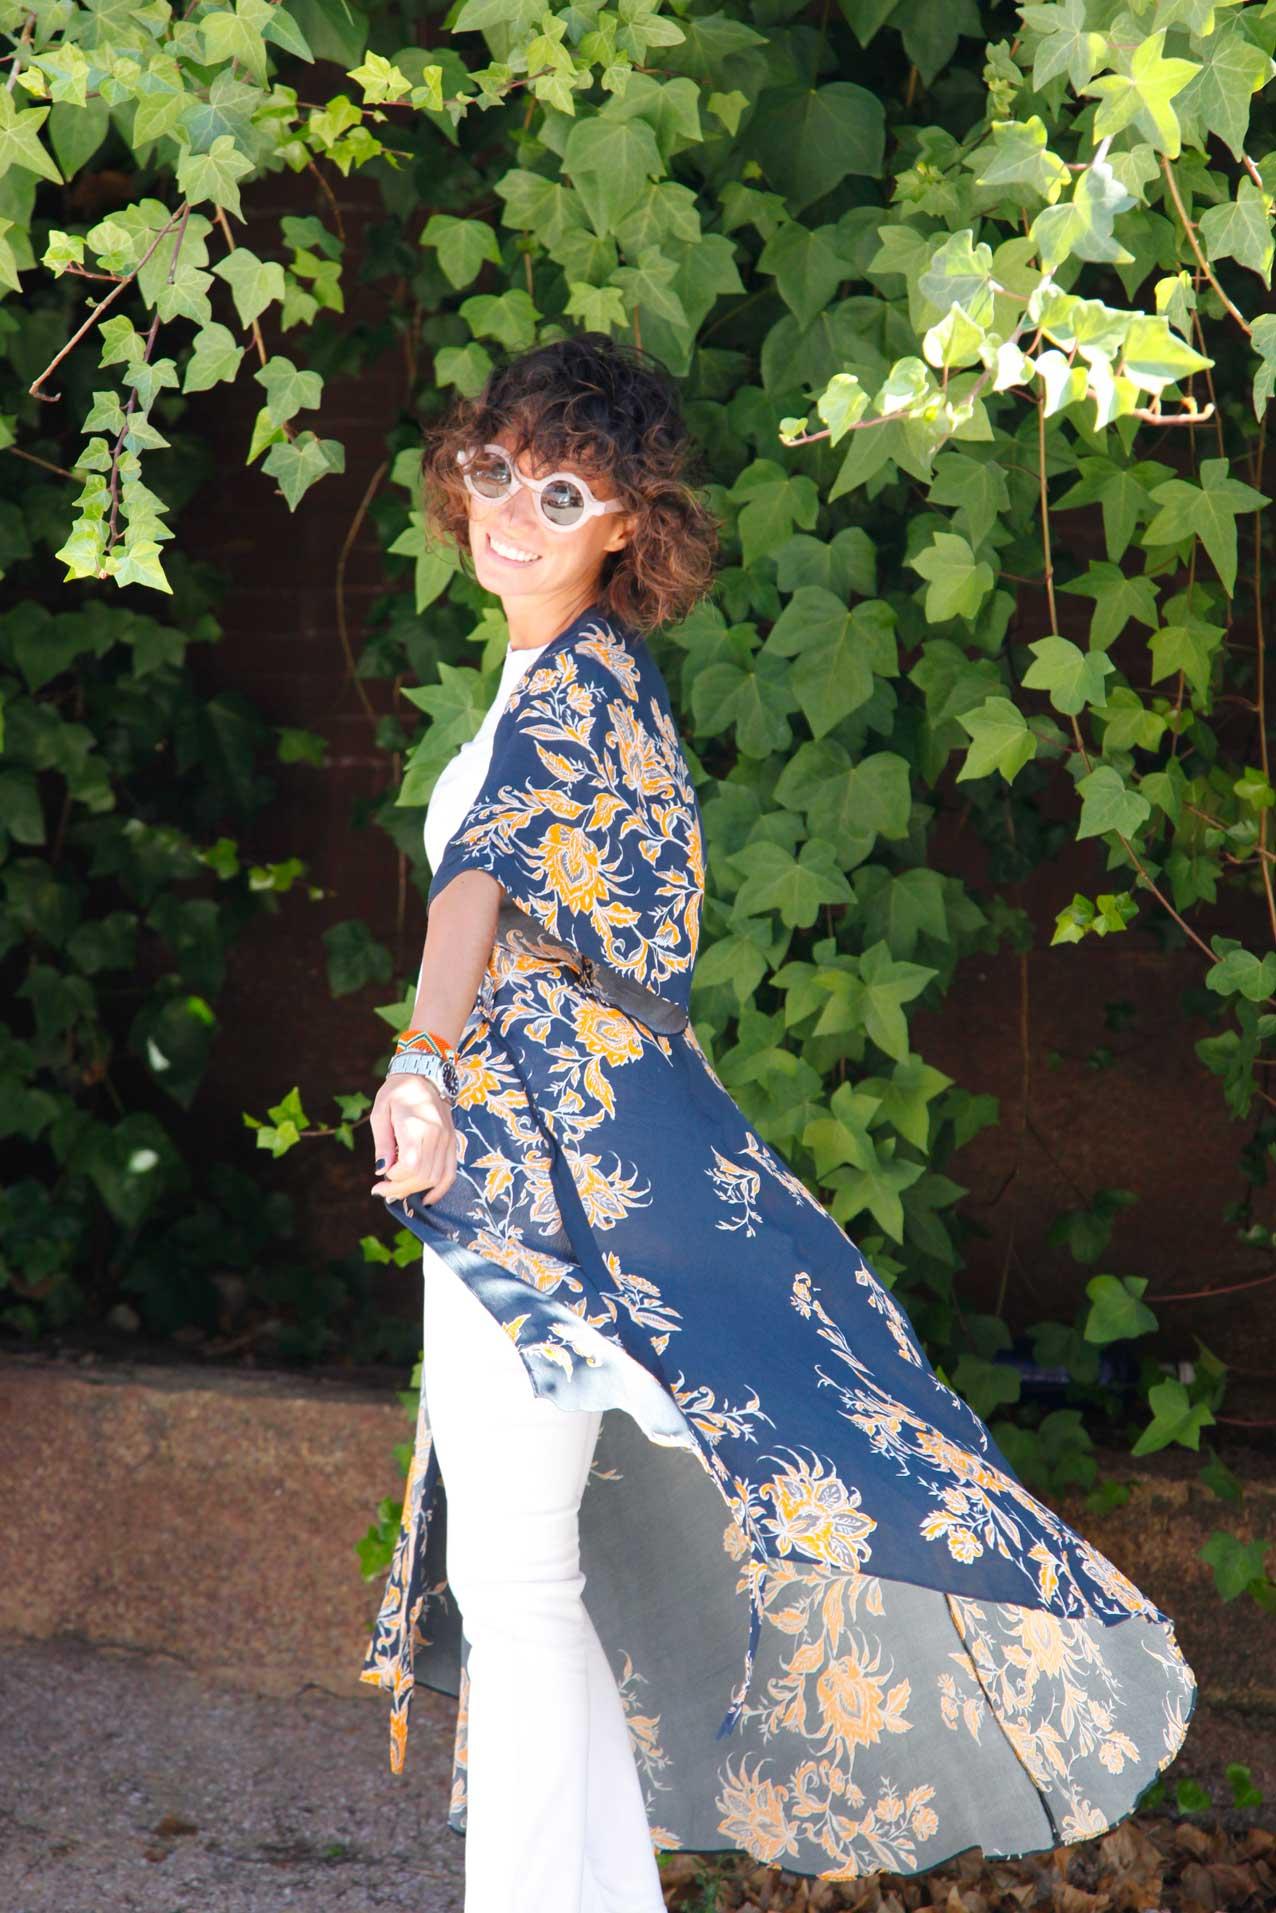 kimono_dress-white_jeans-mbfwm2016-streetstyle-cool_lemonade4